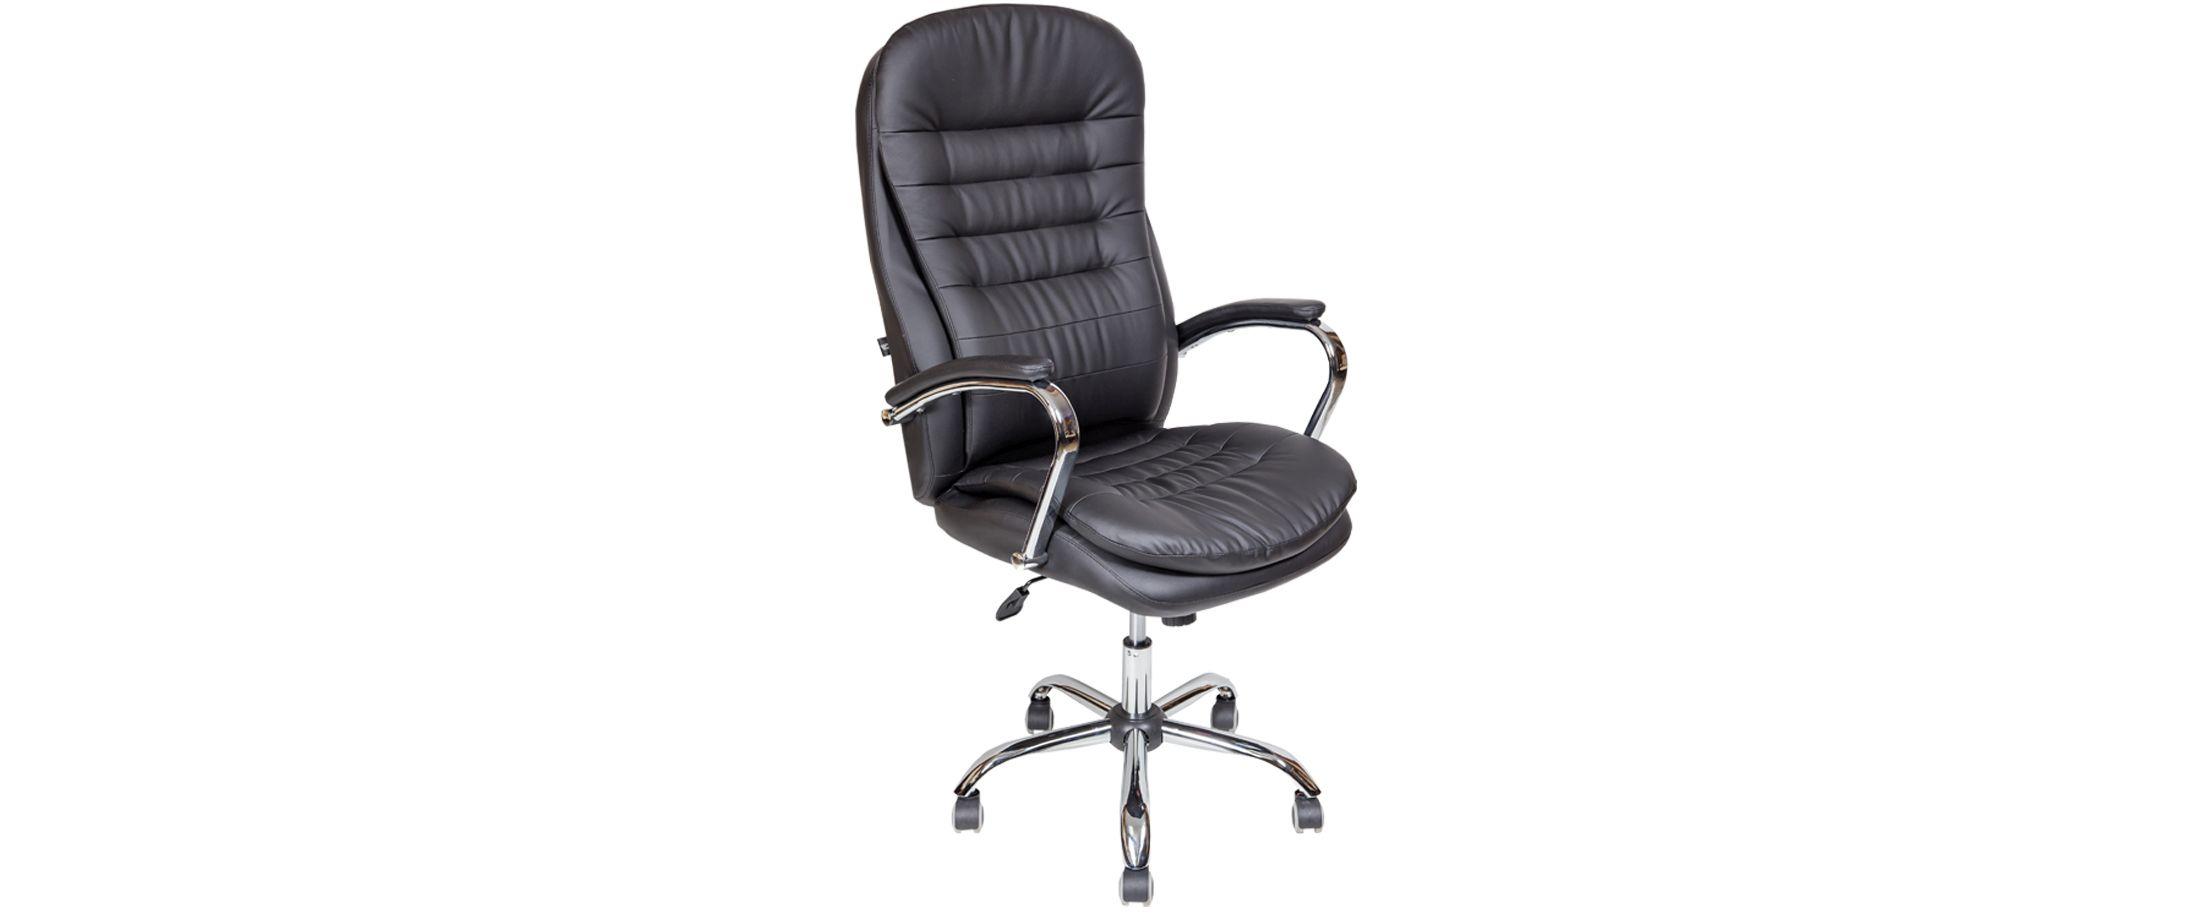 Кресло офисное AV 118 из экокожи цвет черный Модель 999Кресло офисное AV 118 из экокожи цвет черный Модель 999. Артикул Д000697<br><br>Ширина см: 47<br>Глубина см: 64<br>Высота см: 131<br>Цвет: Черный